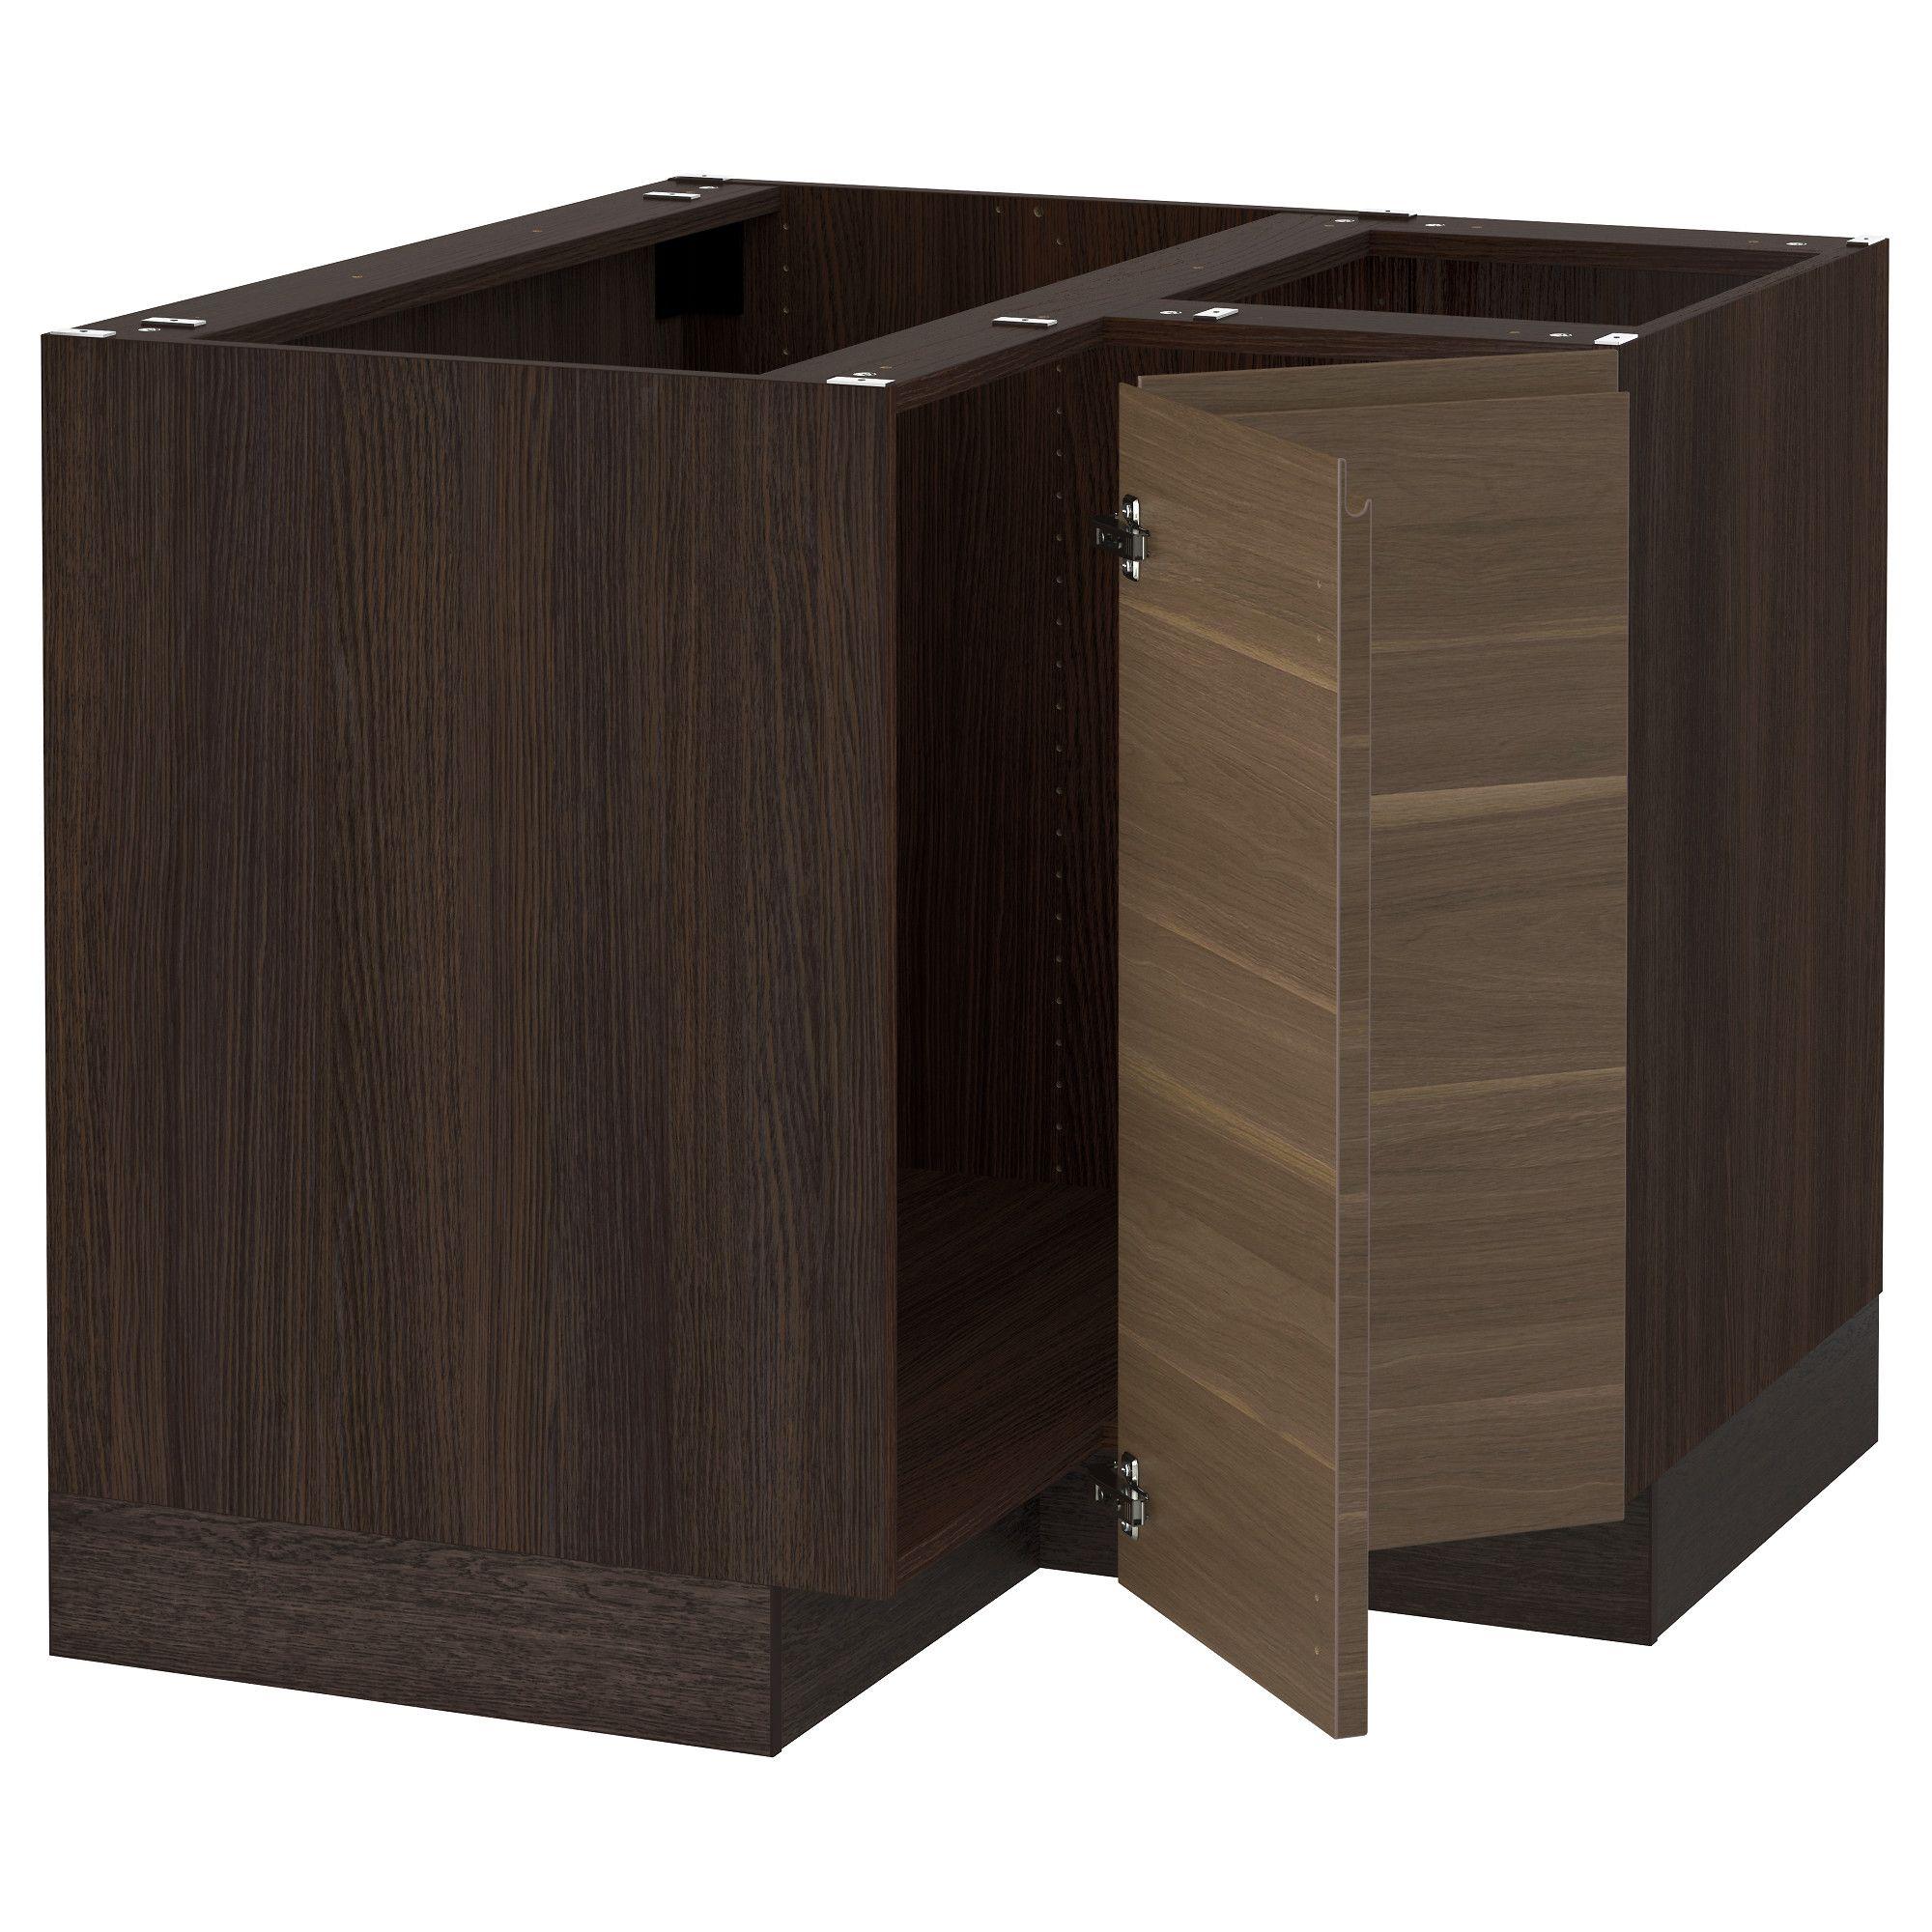 IKEA - SEKTION wood effect brown Corner base cabinet for sink Frame